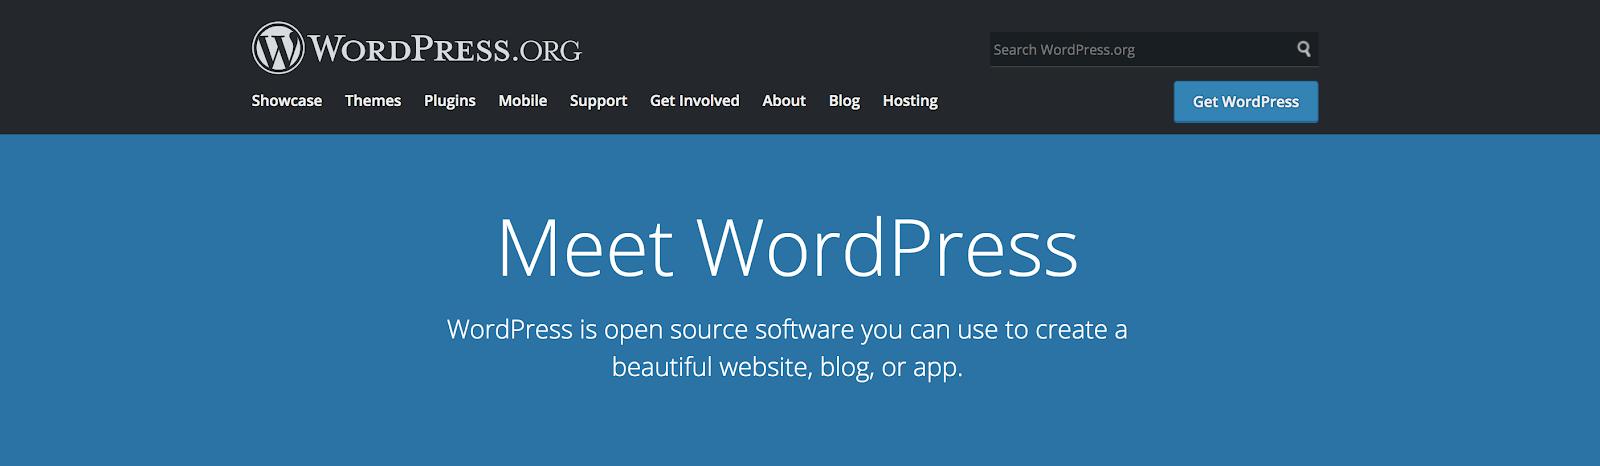 Diferencia entre WordPress.org y WordPress.com Página de inicio de WordPress.org